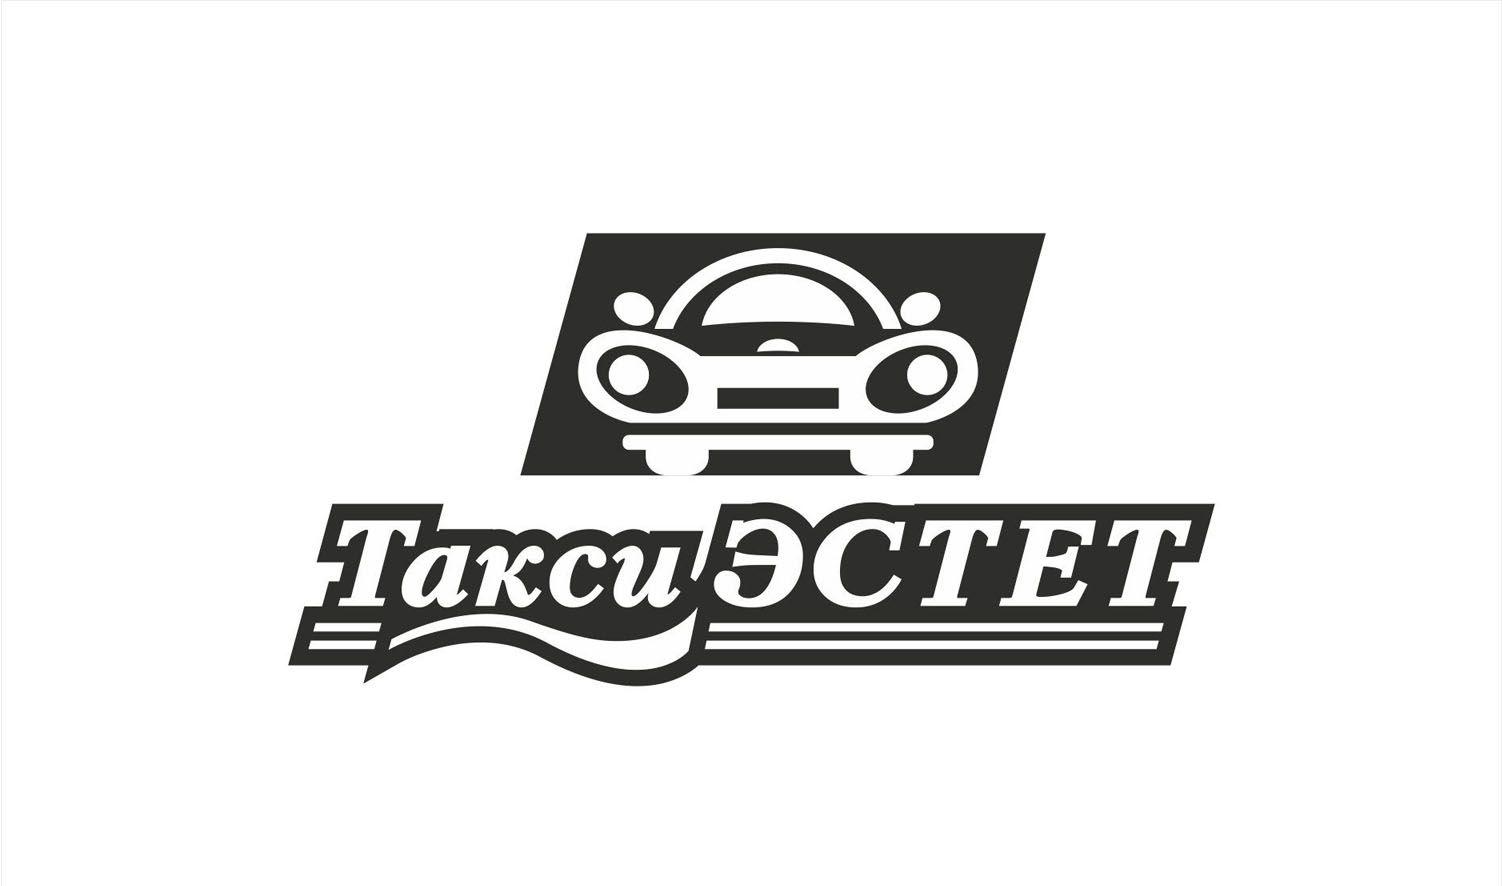 Логотип для taxi-estet.ru - дизайнер 28gelms-1lanarb